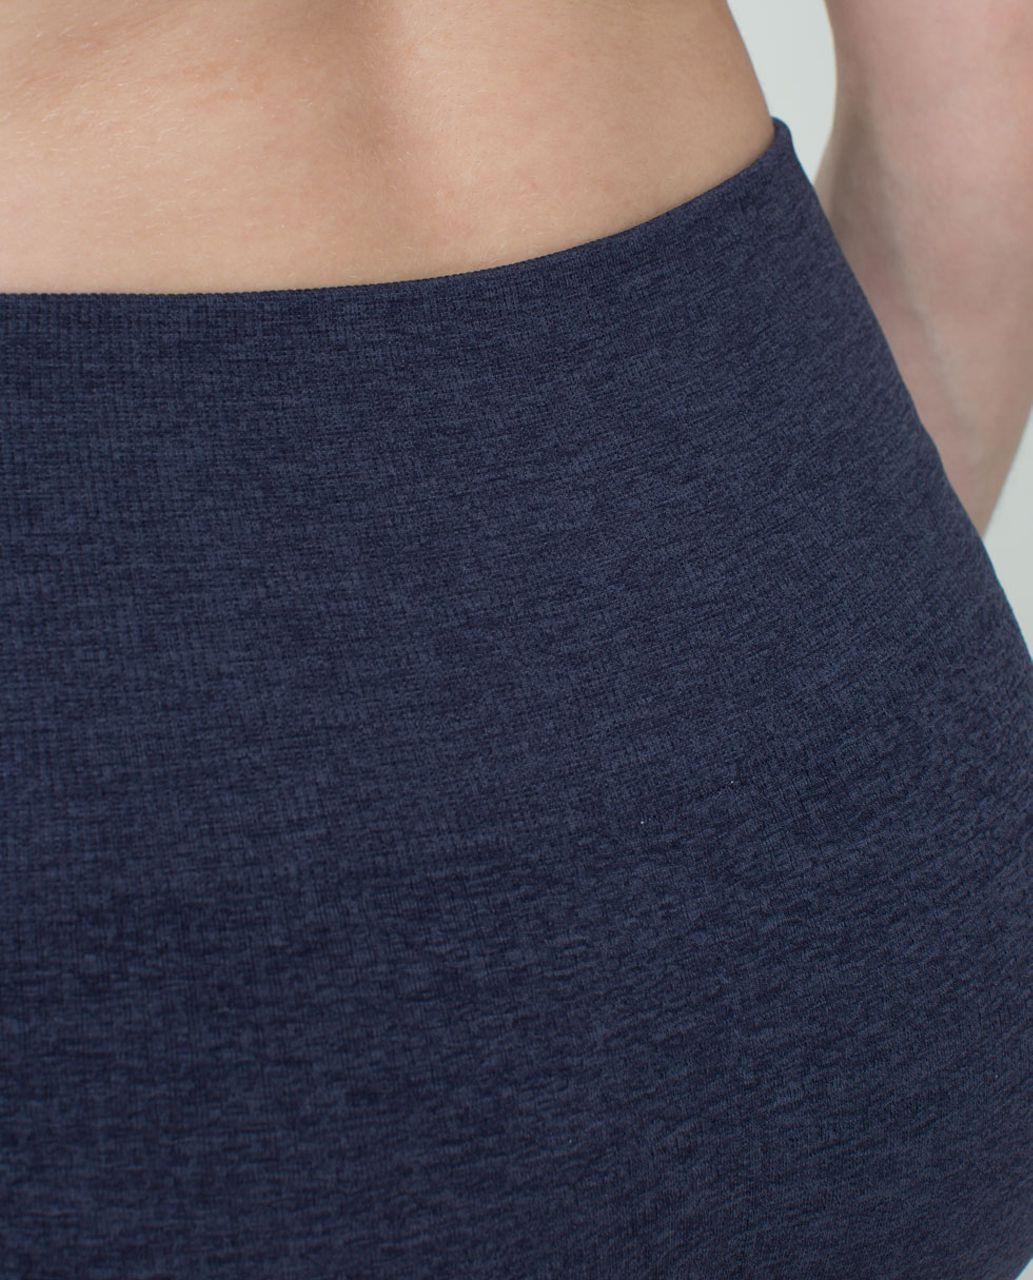 Lululemon Ebb To Street Pant - Heathered Cadet Blue